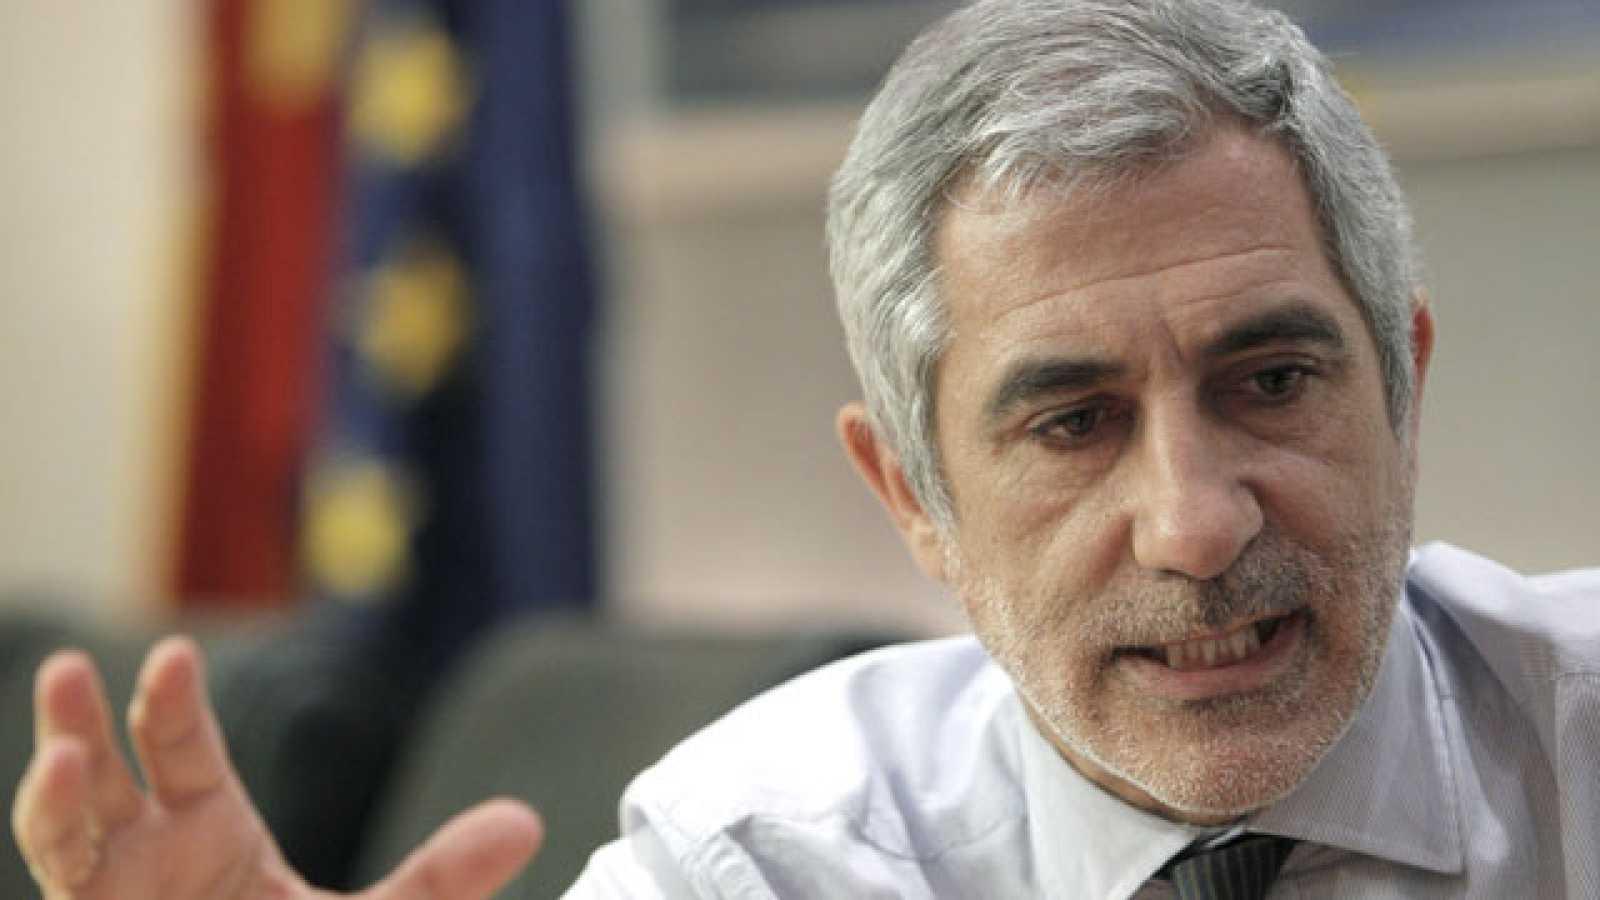 Llamazares se ha opuesto en el pleno a que se votara una enmienda transaccional presentada por PSOE y PP a una enmienda de CiU